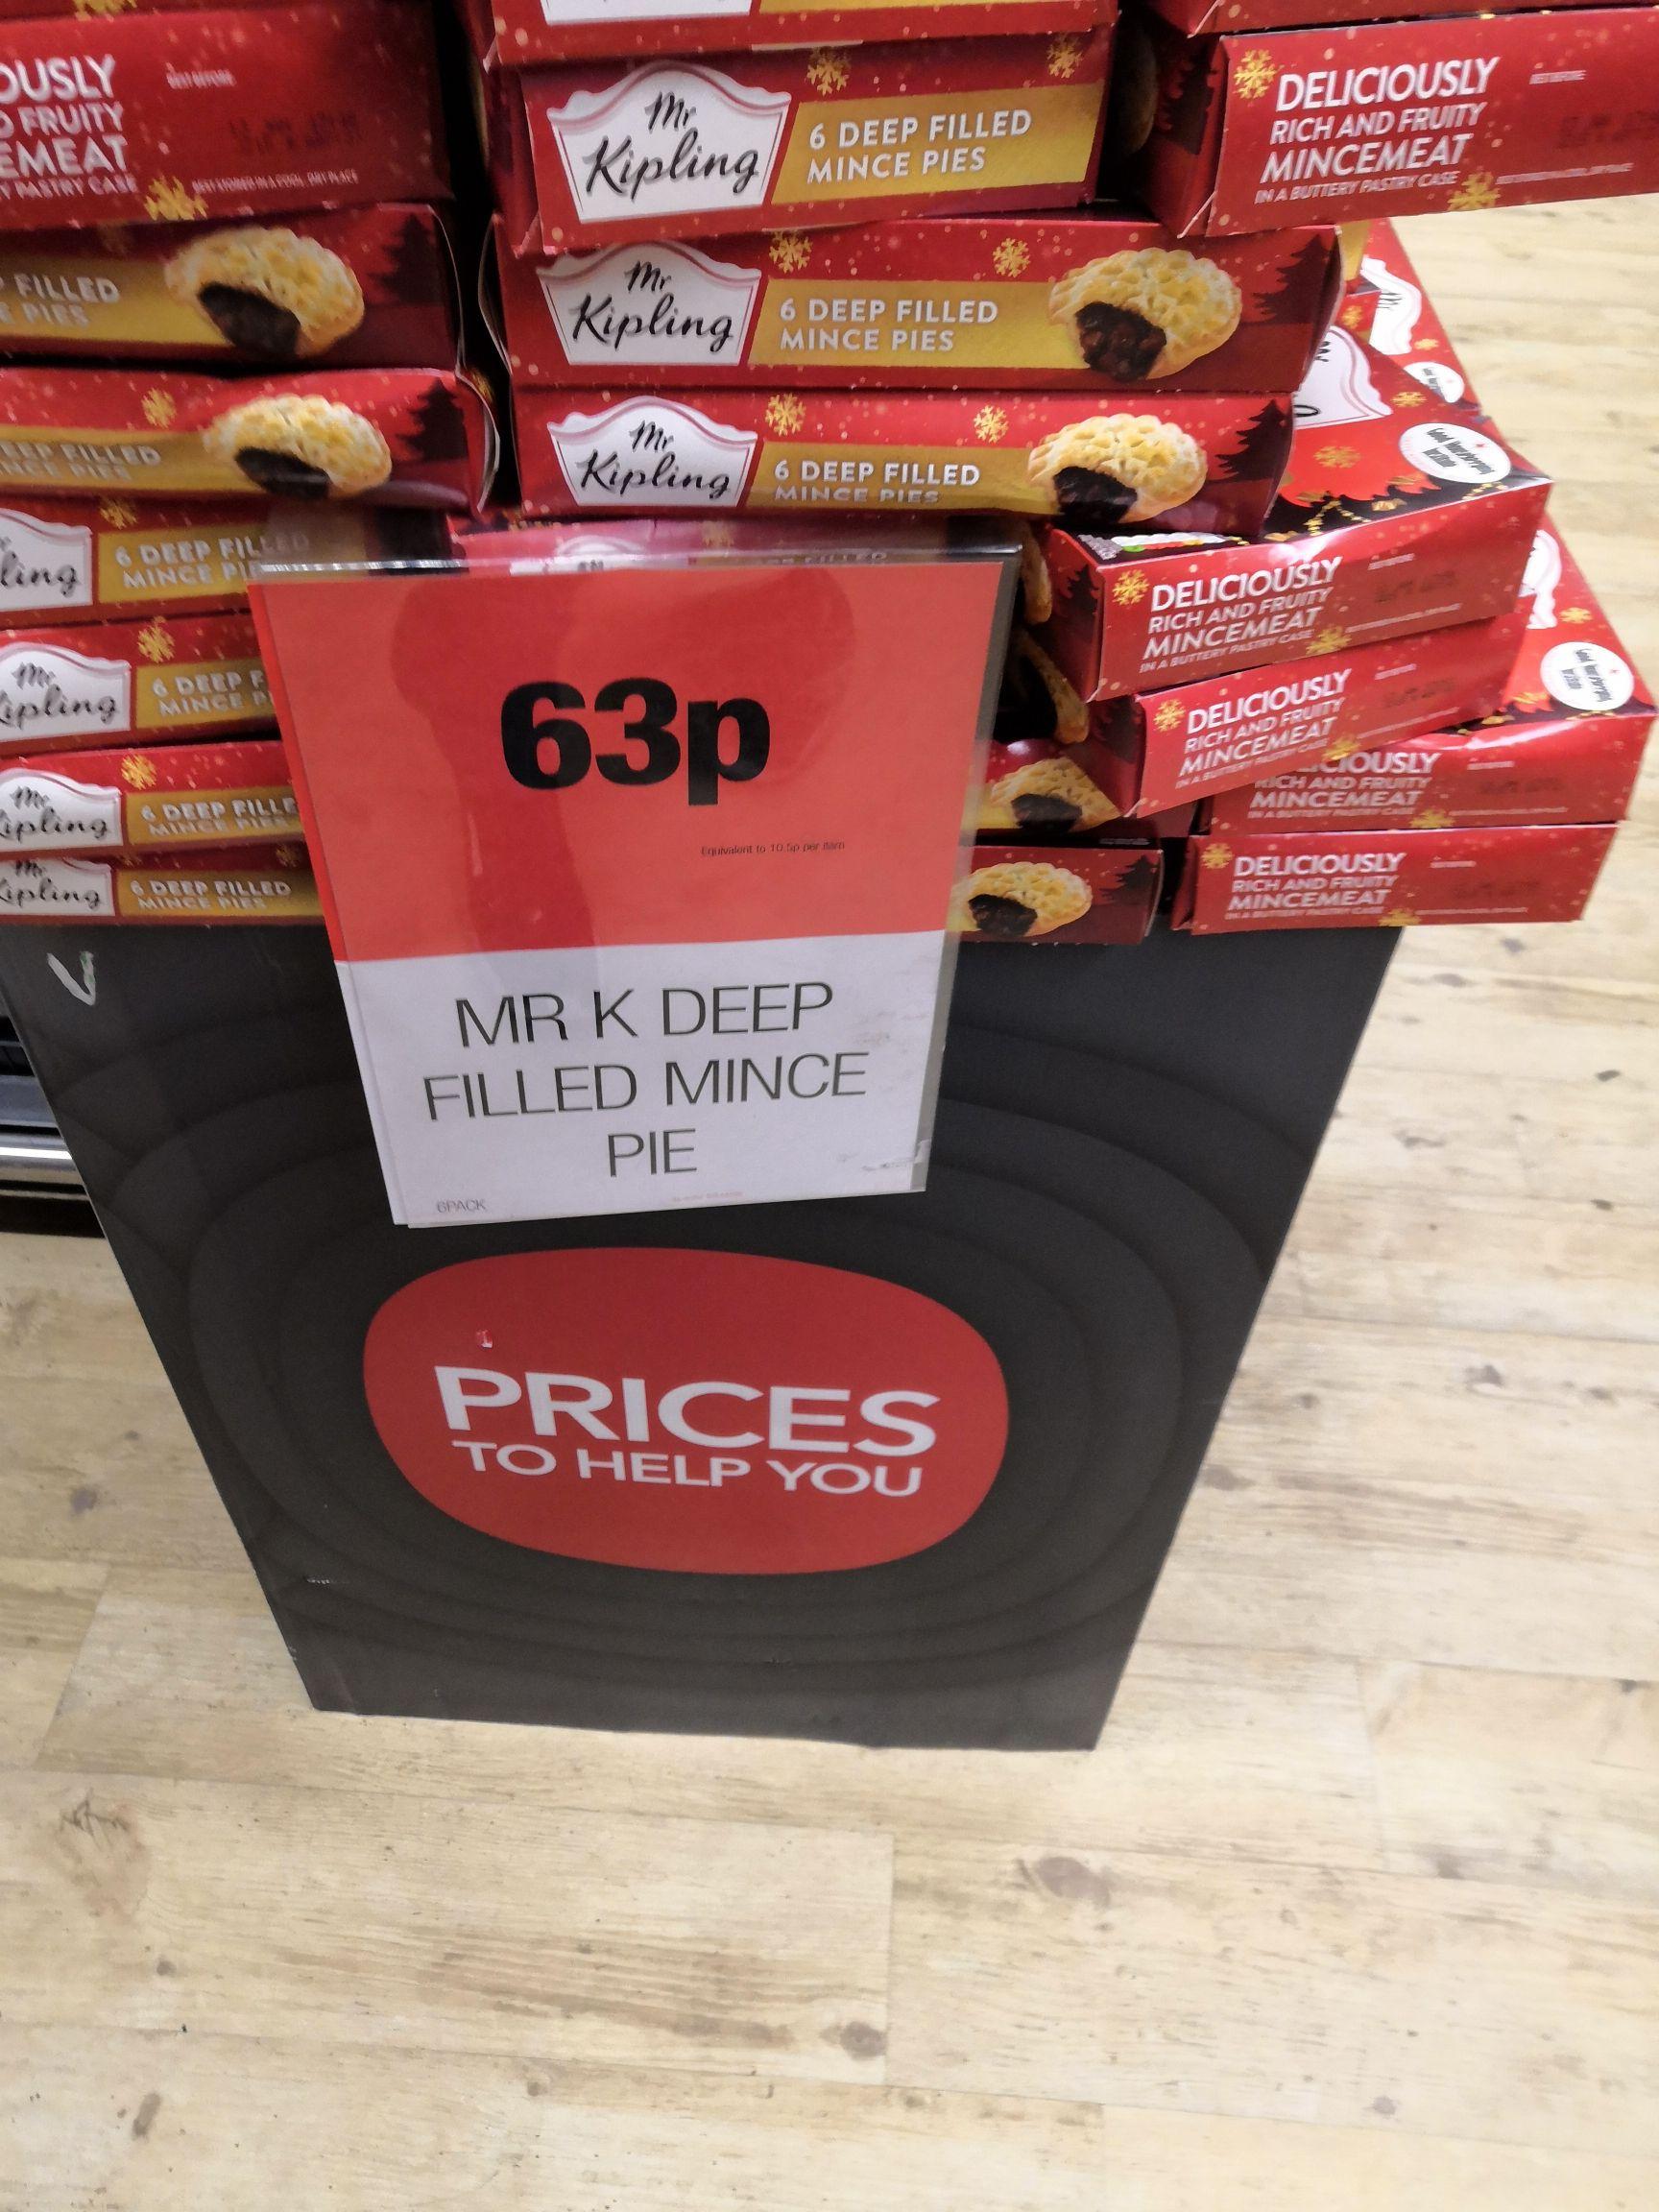 Mr Kipling mince pies 6 pack 63p at COOP